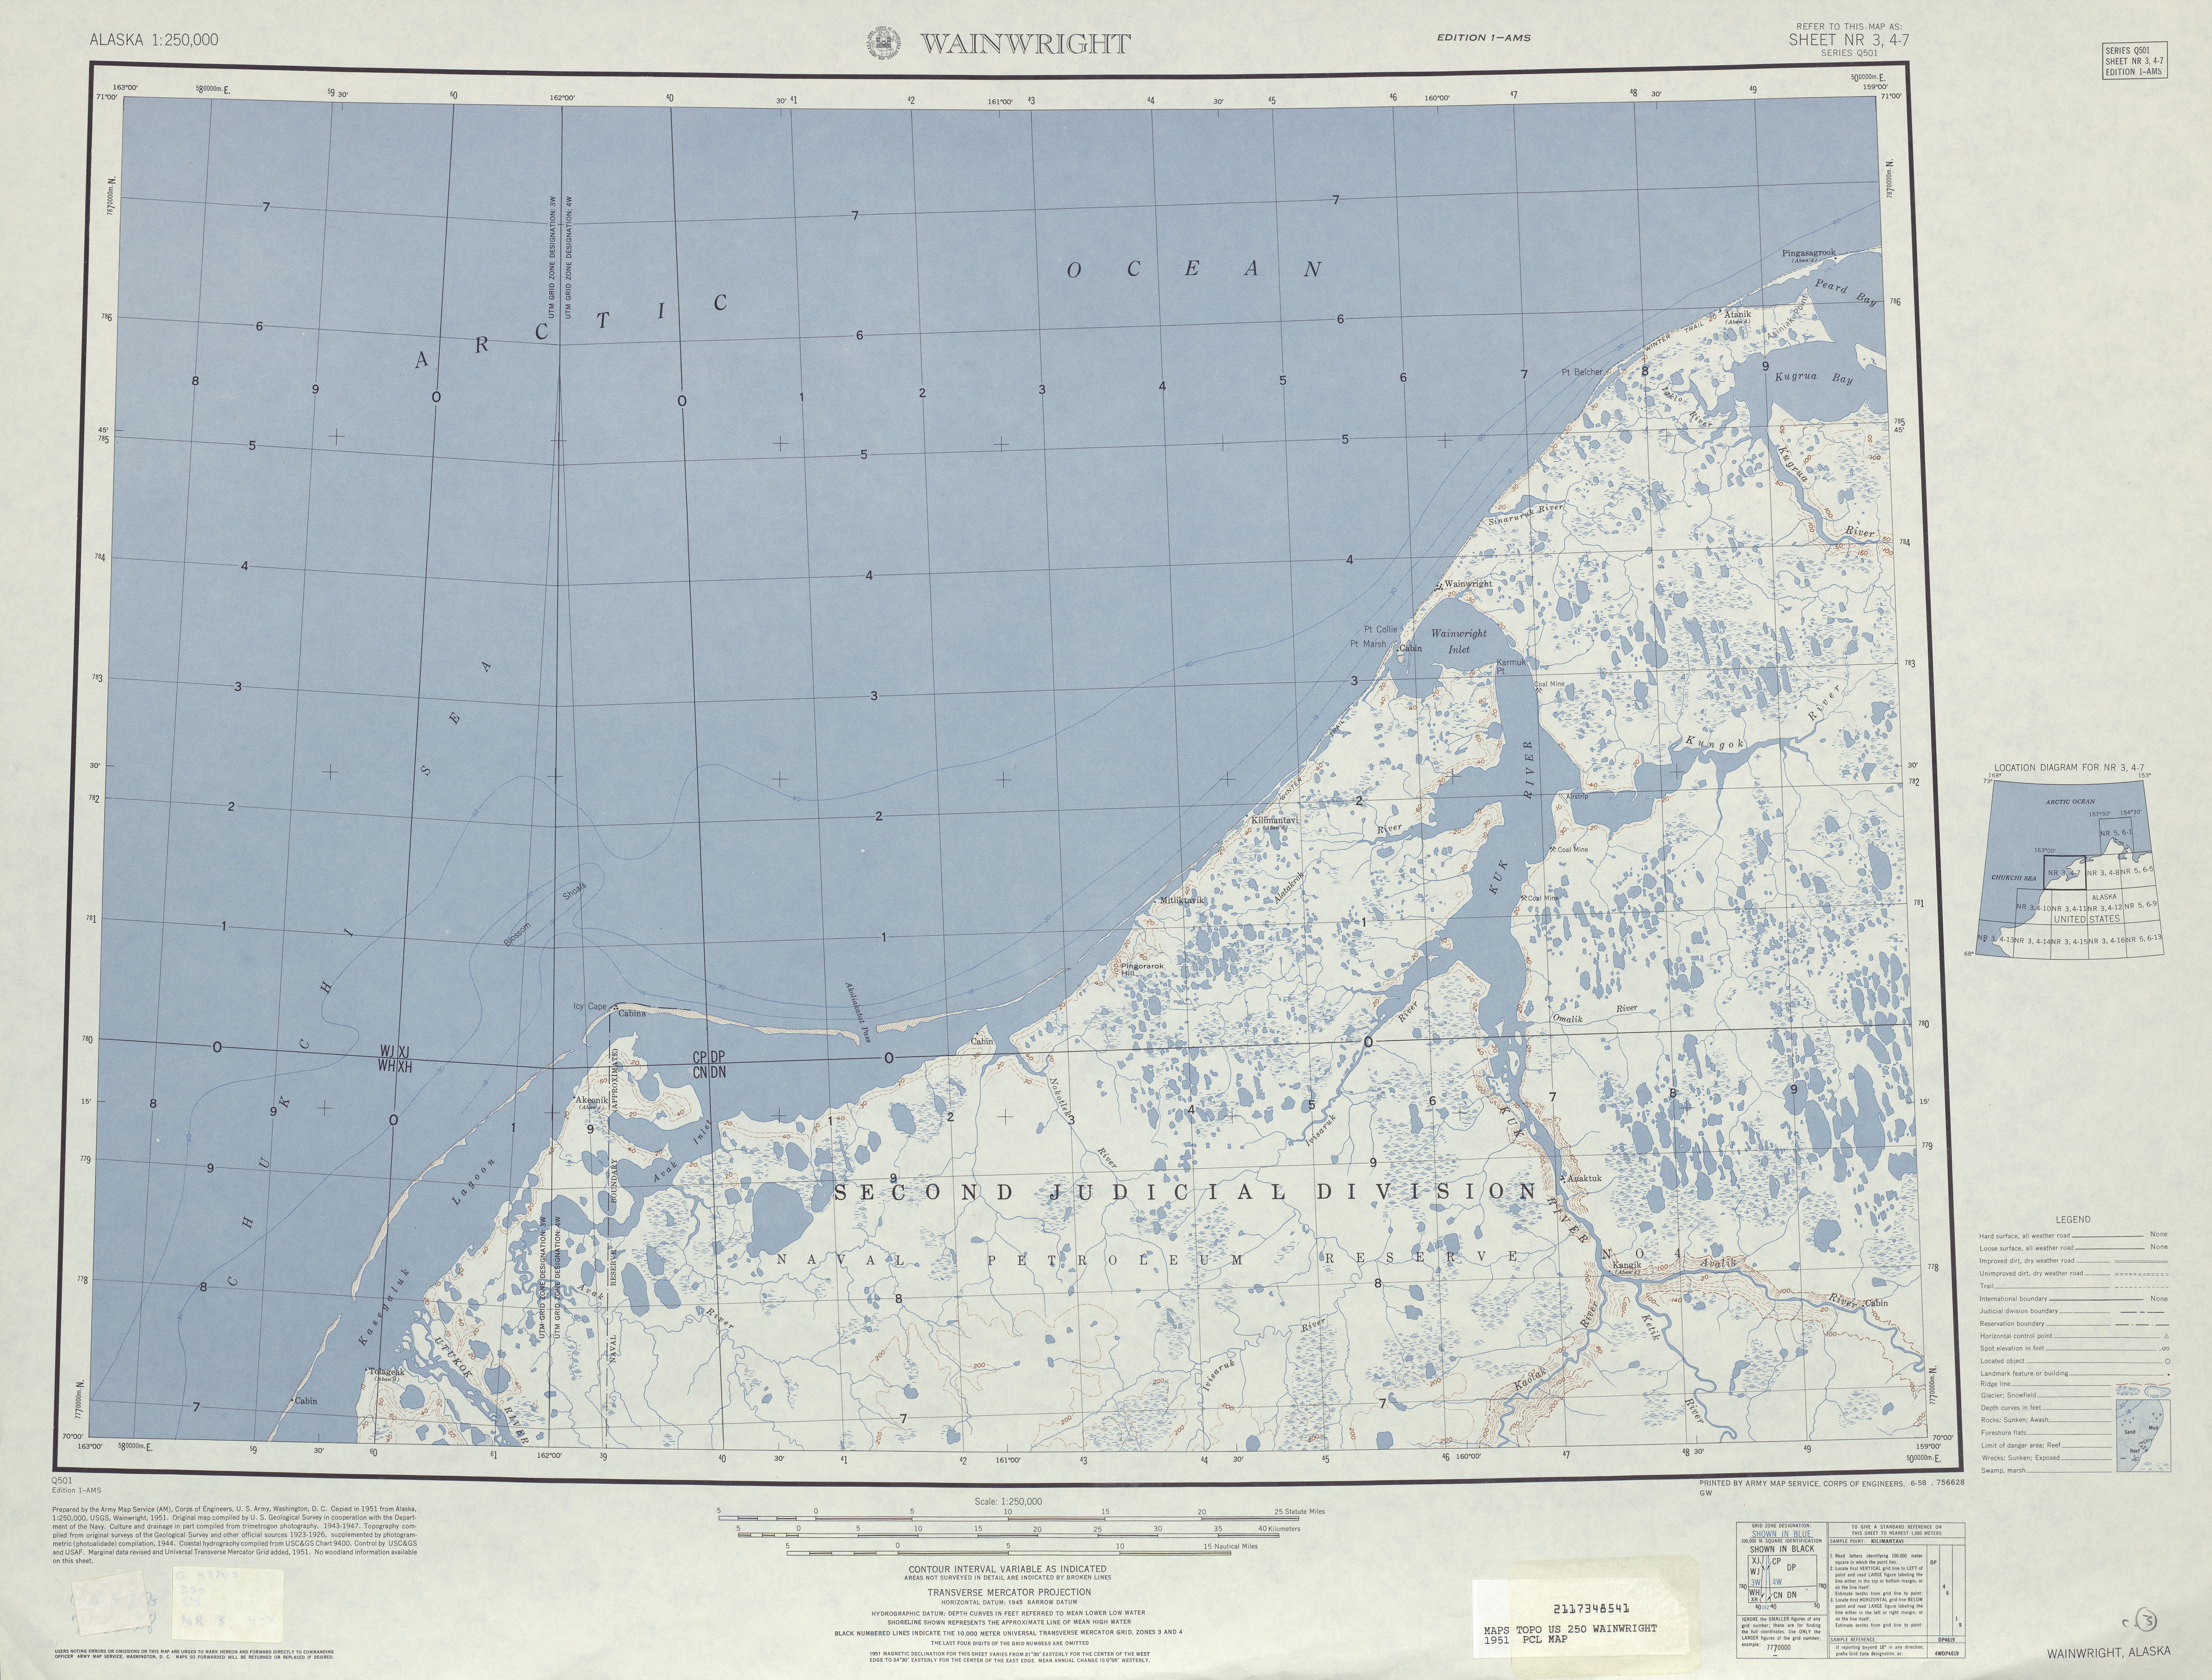 Hoja Wainwright del Mapa Topográfico de los Estados Unidos 1951